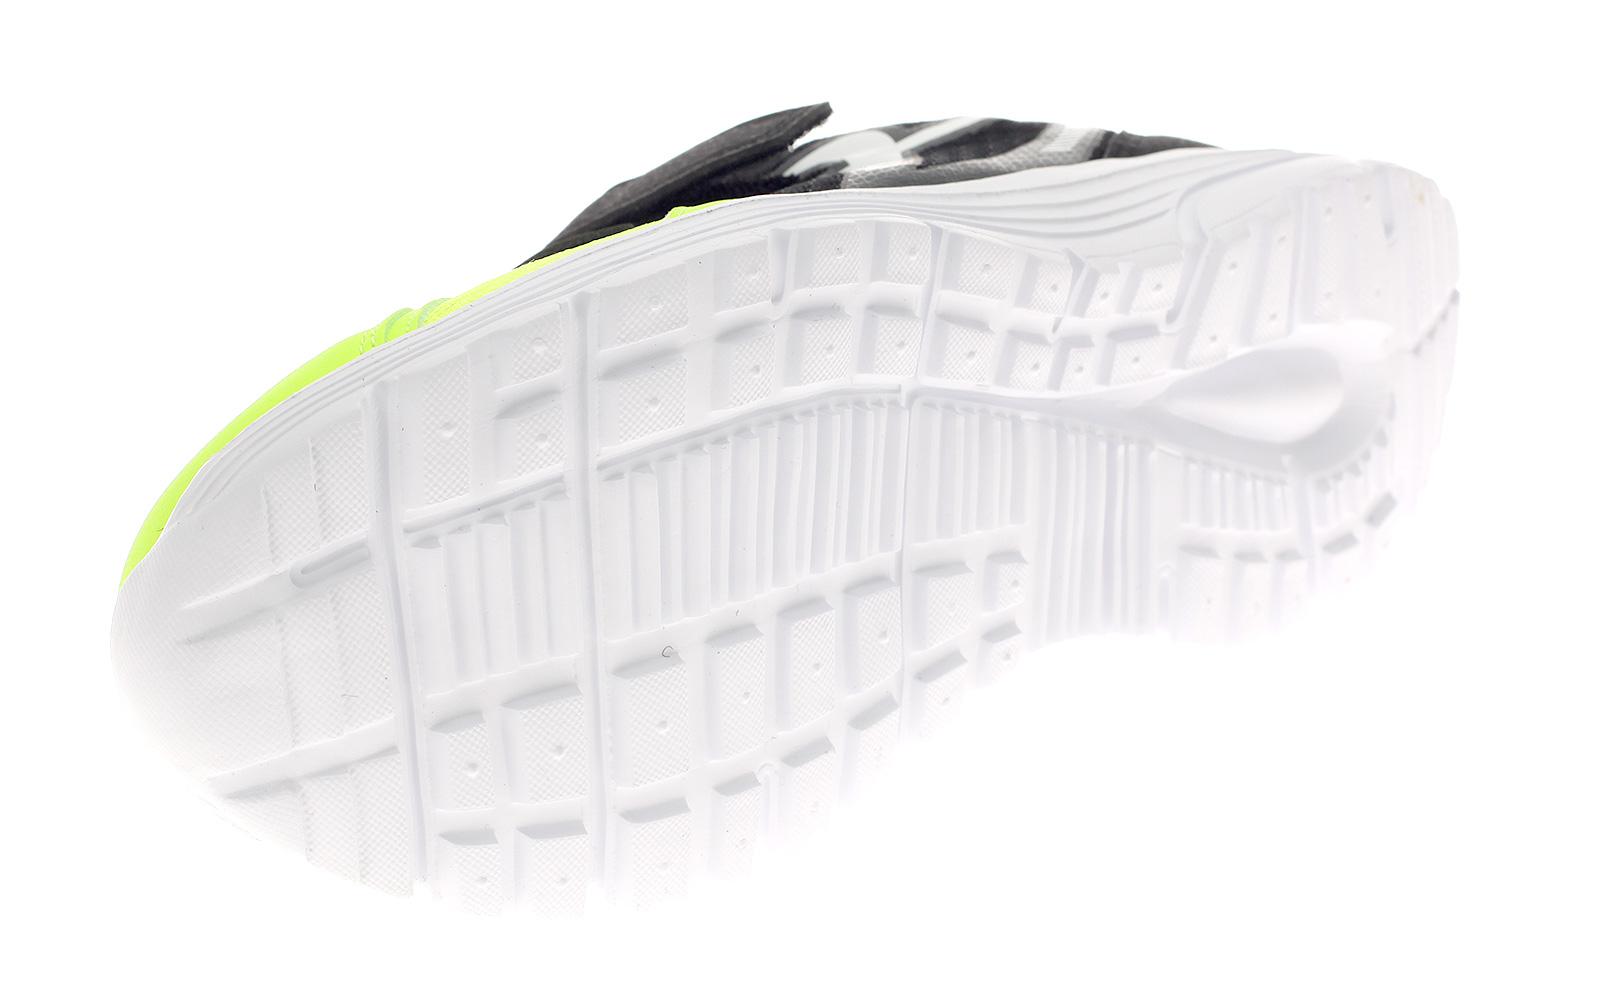 Herren Damen Sportschuhe Sneaker Turnschuhe Laufschuhe Klettverschluss Freizeit Komfort Schuhe 6928